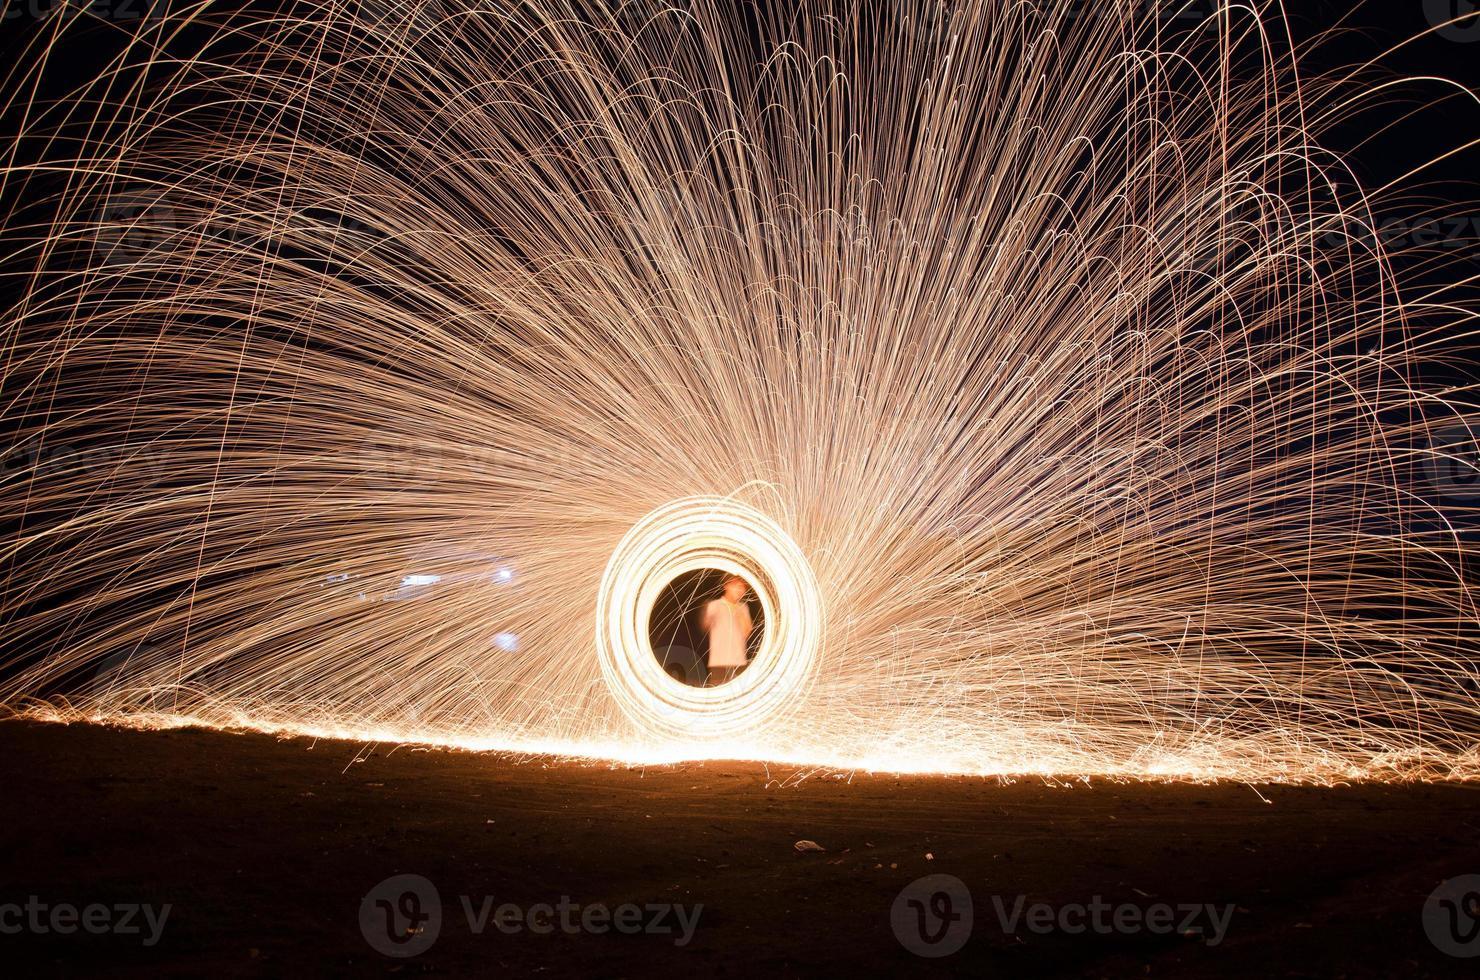 brennendes Feuerwerk aus Stahlwolle foto